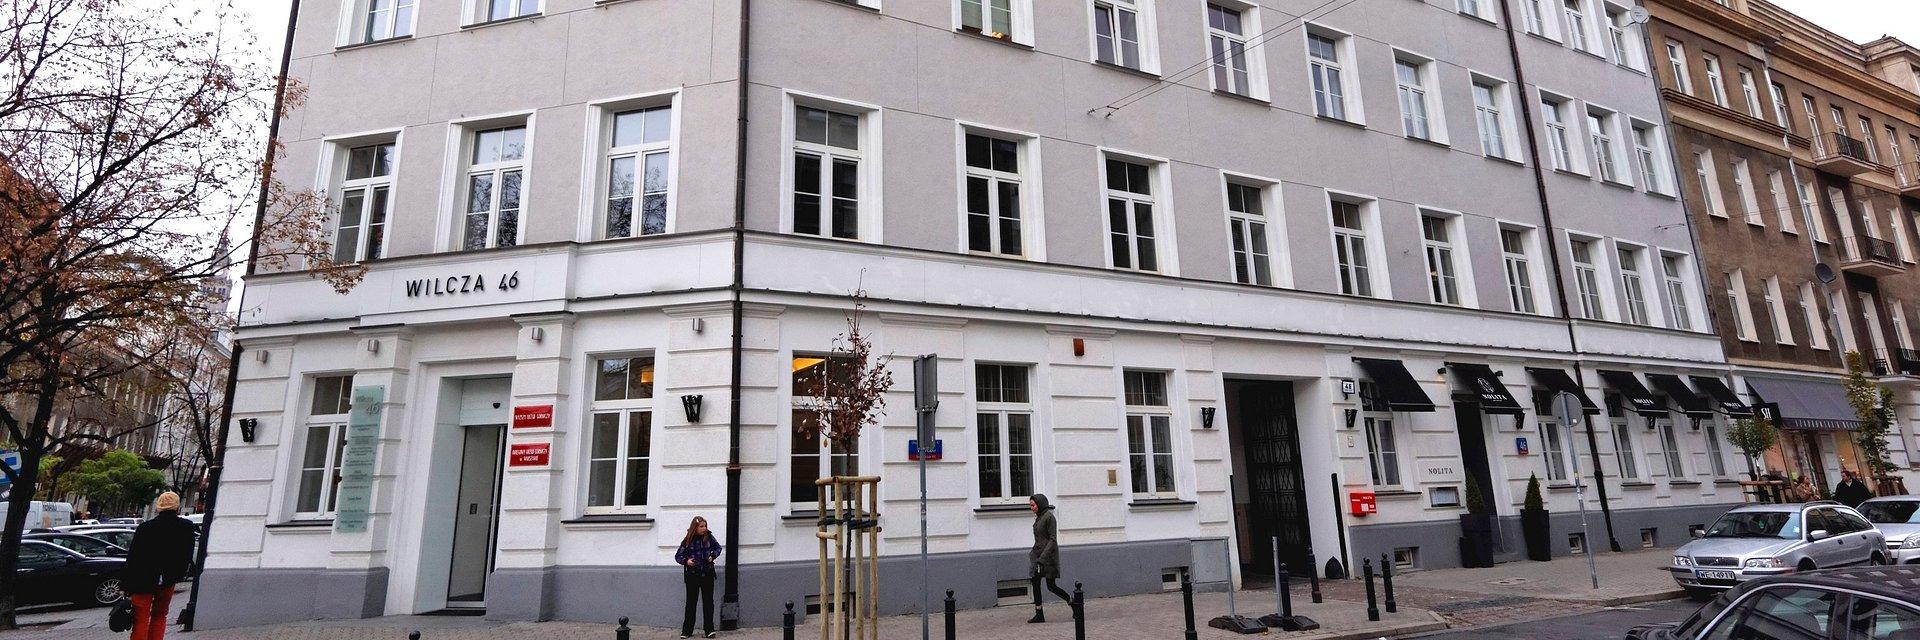 Colliers doradzał w sprzedaży dwóch budynków biurowych w centrum Warszawy